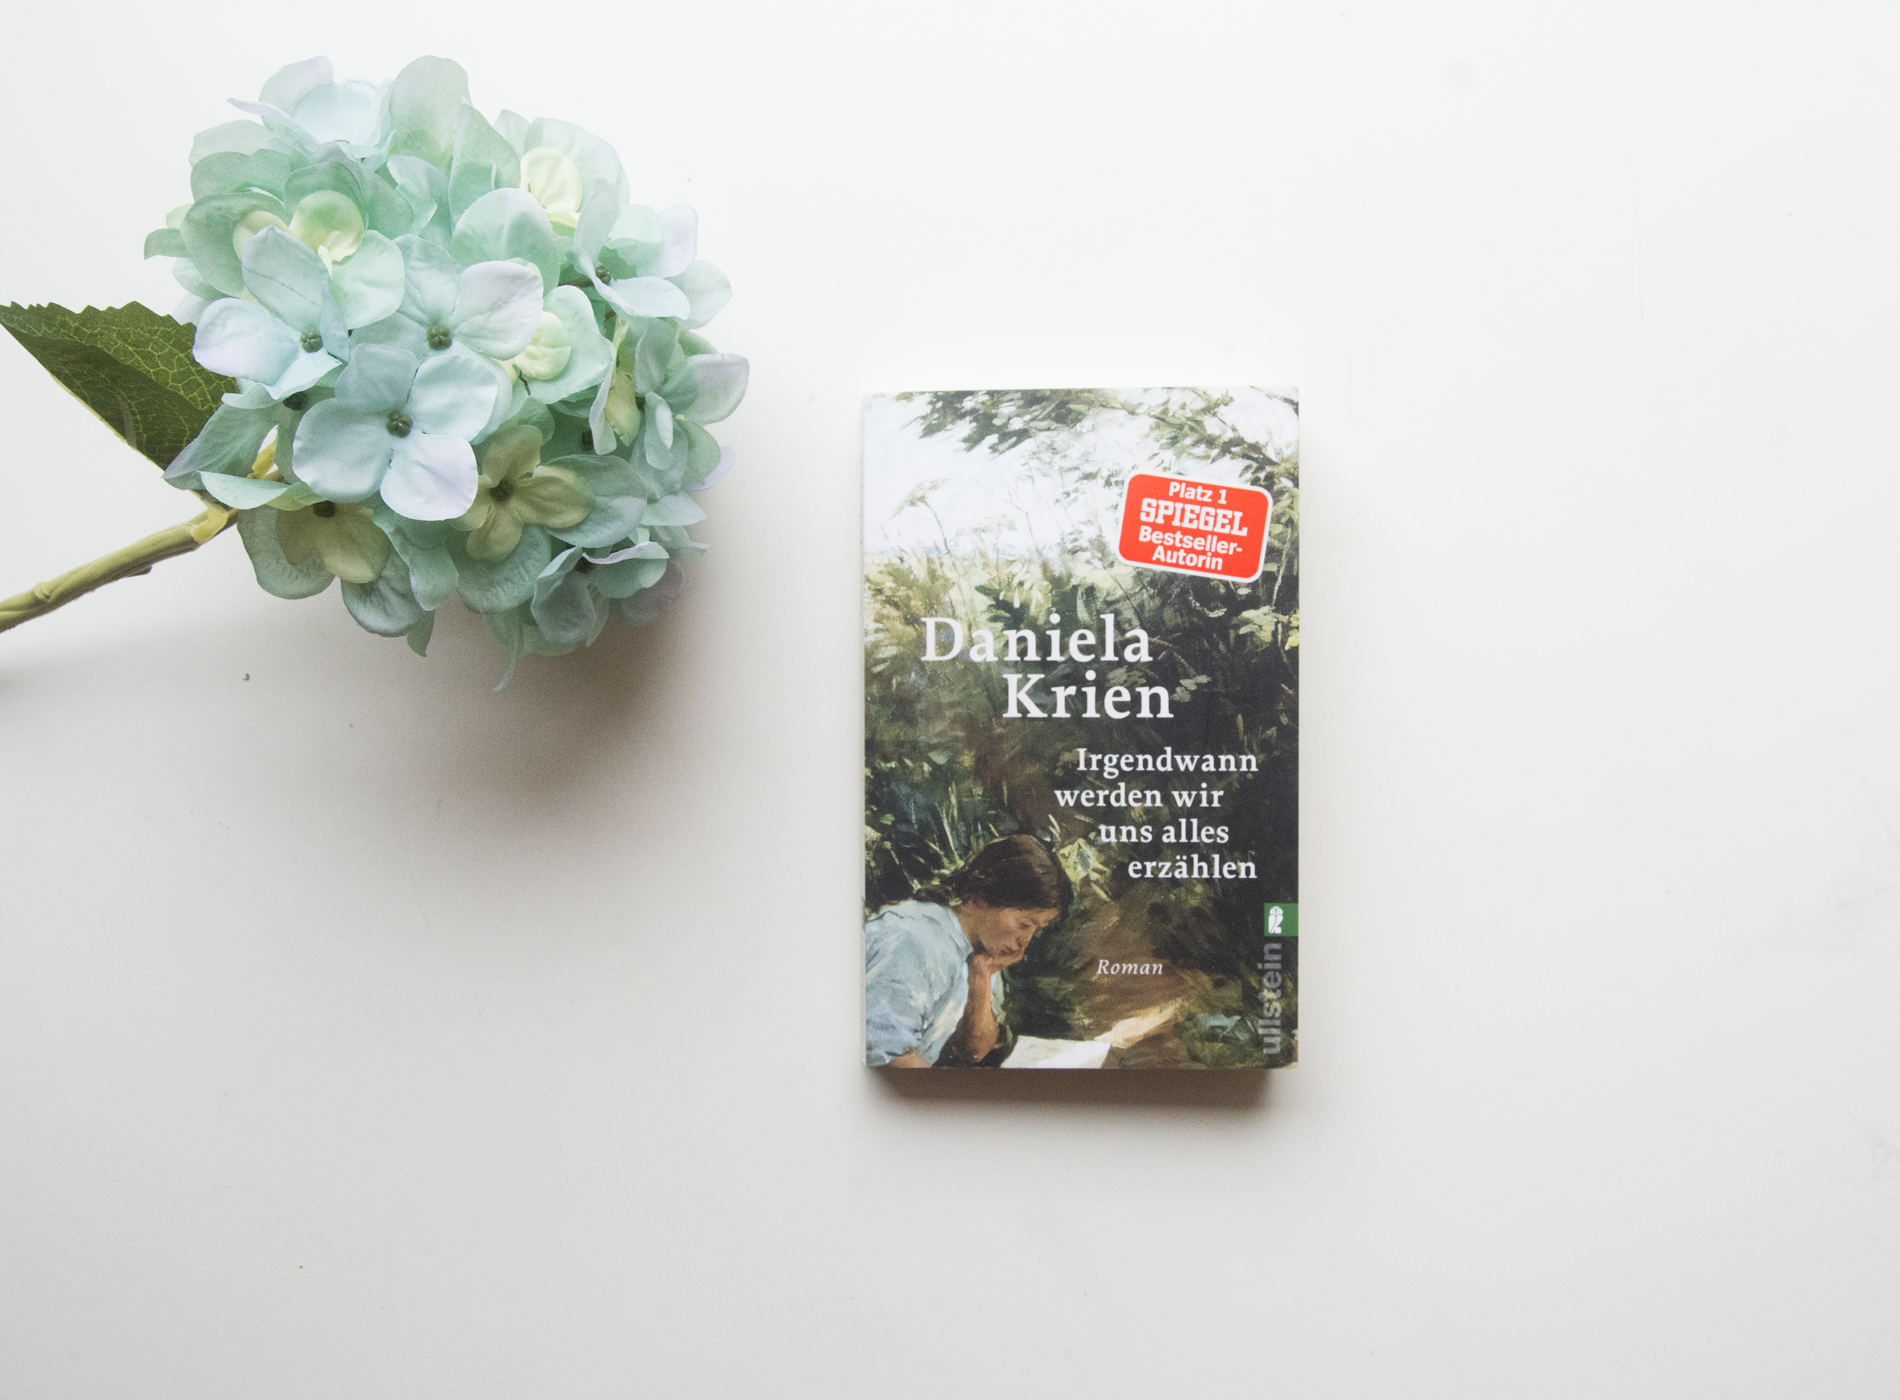 Literaturbesprechung:  »Irgendwann werden wir uns alles erzählen« von Daniela Krien